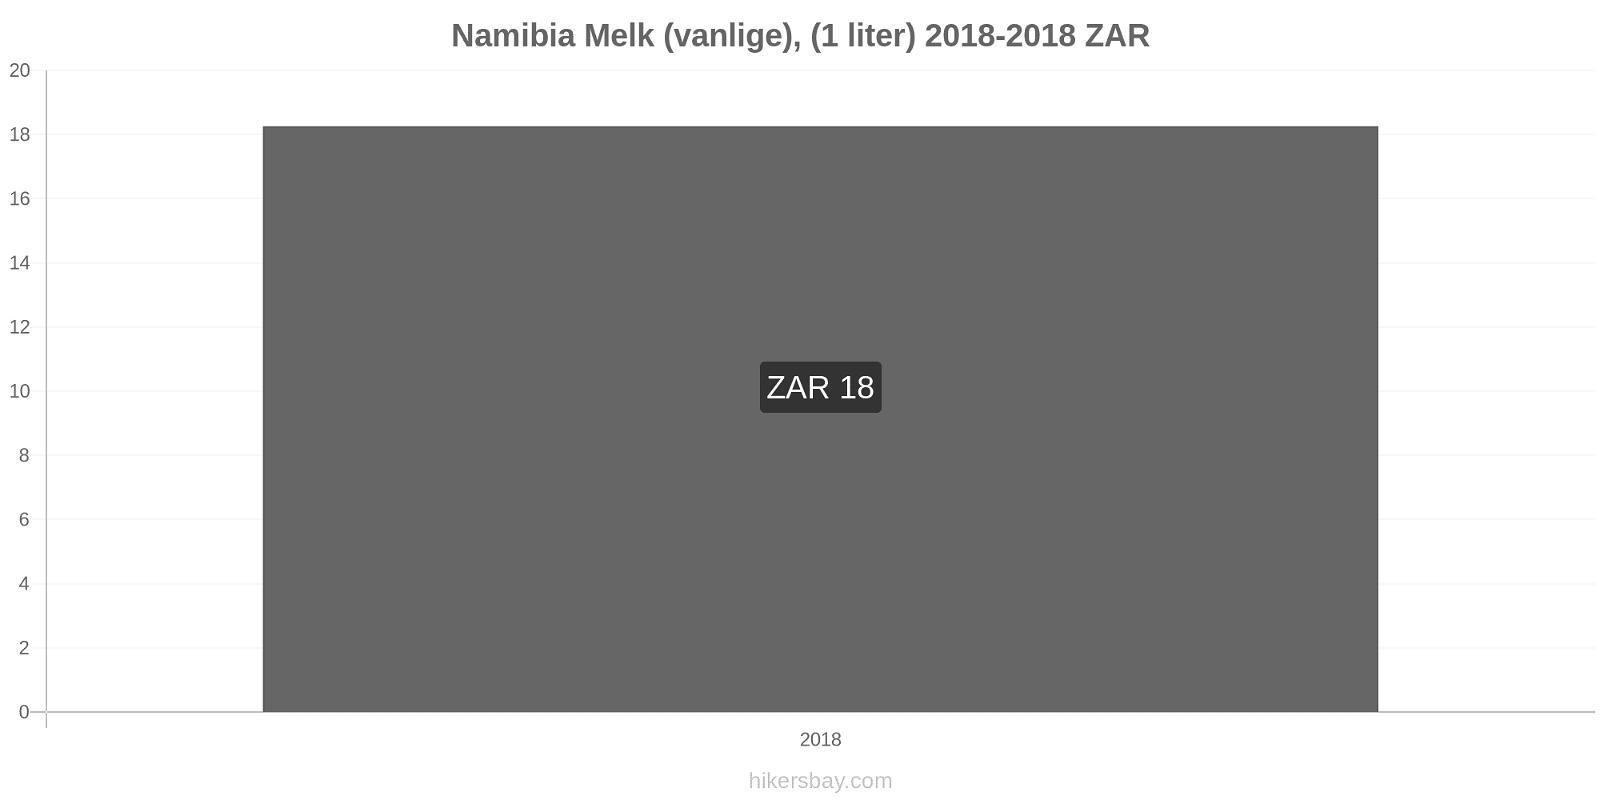 Namibia prisendringer Melk (vanlige), (1 liter) hikersbay.com